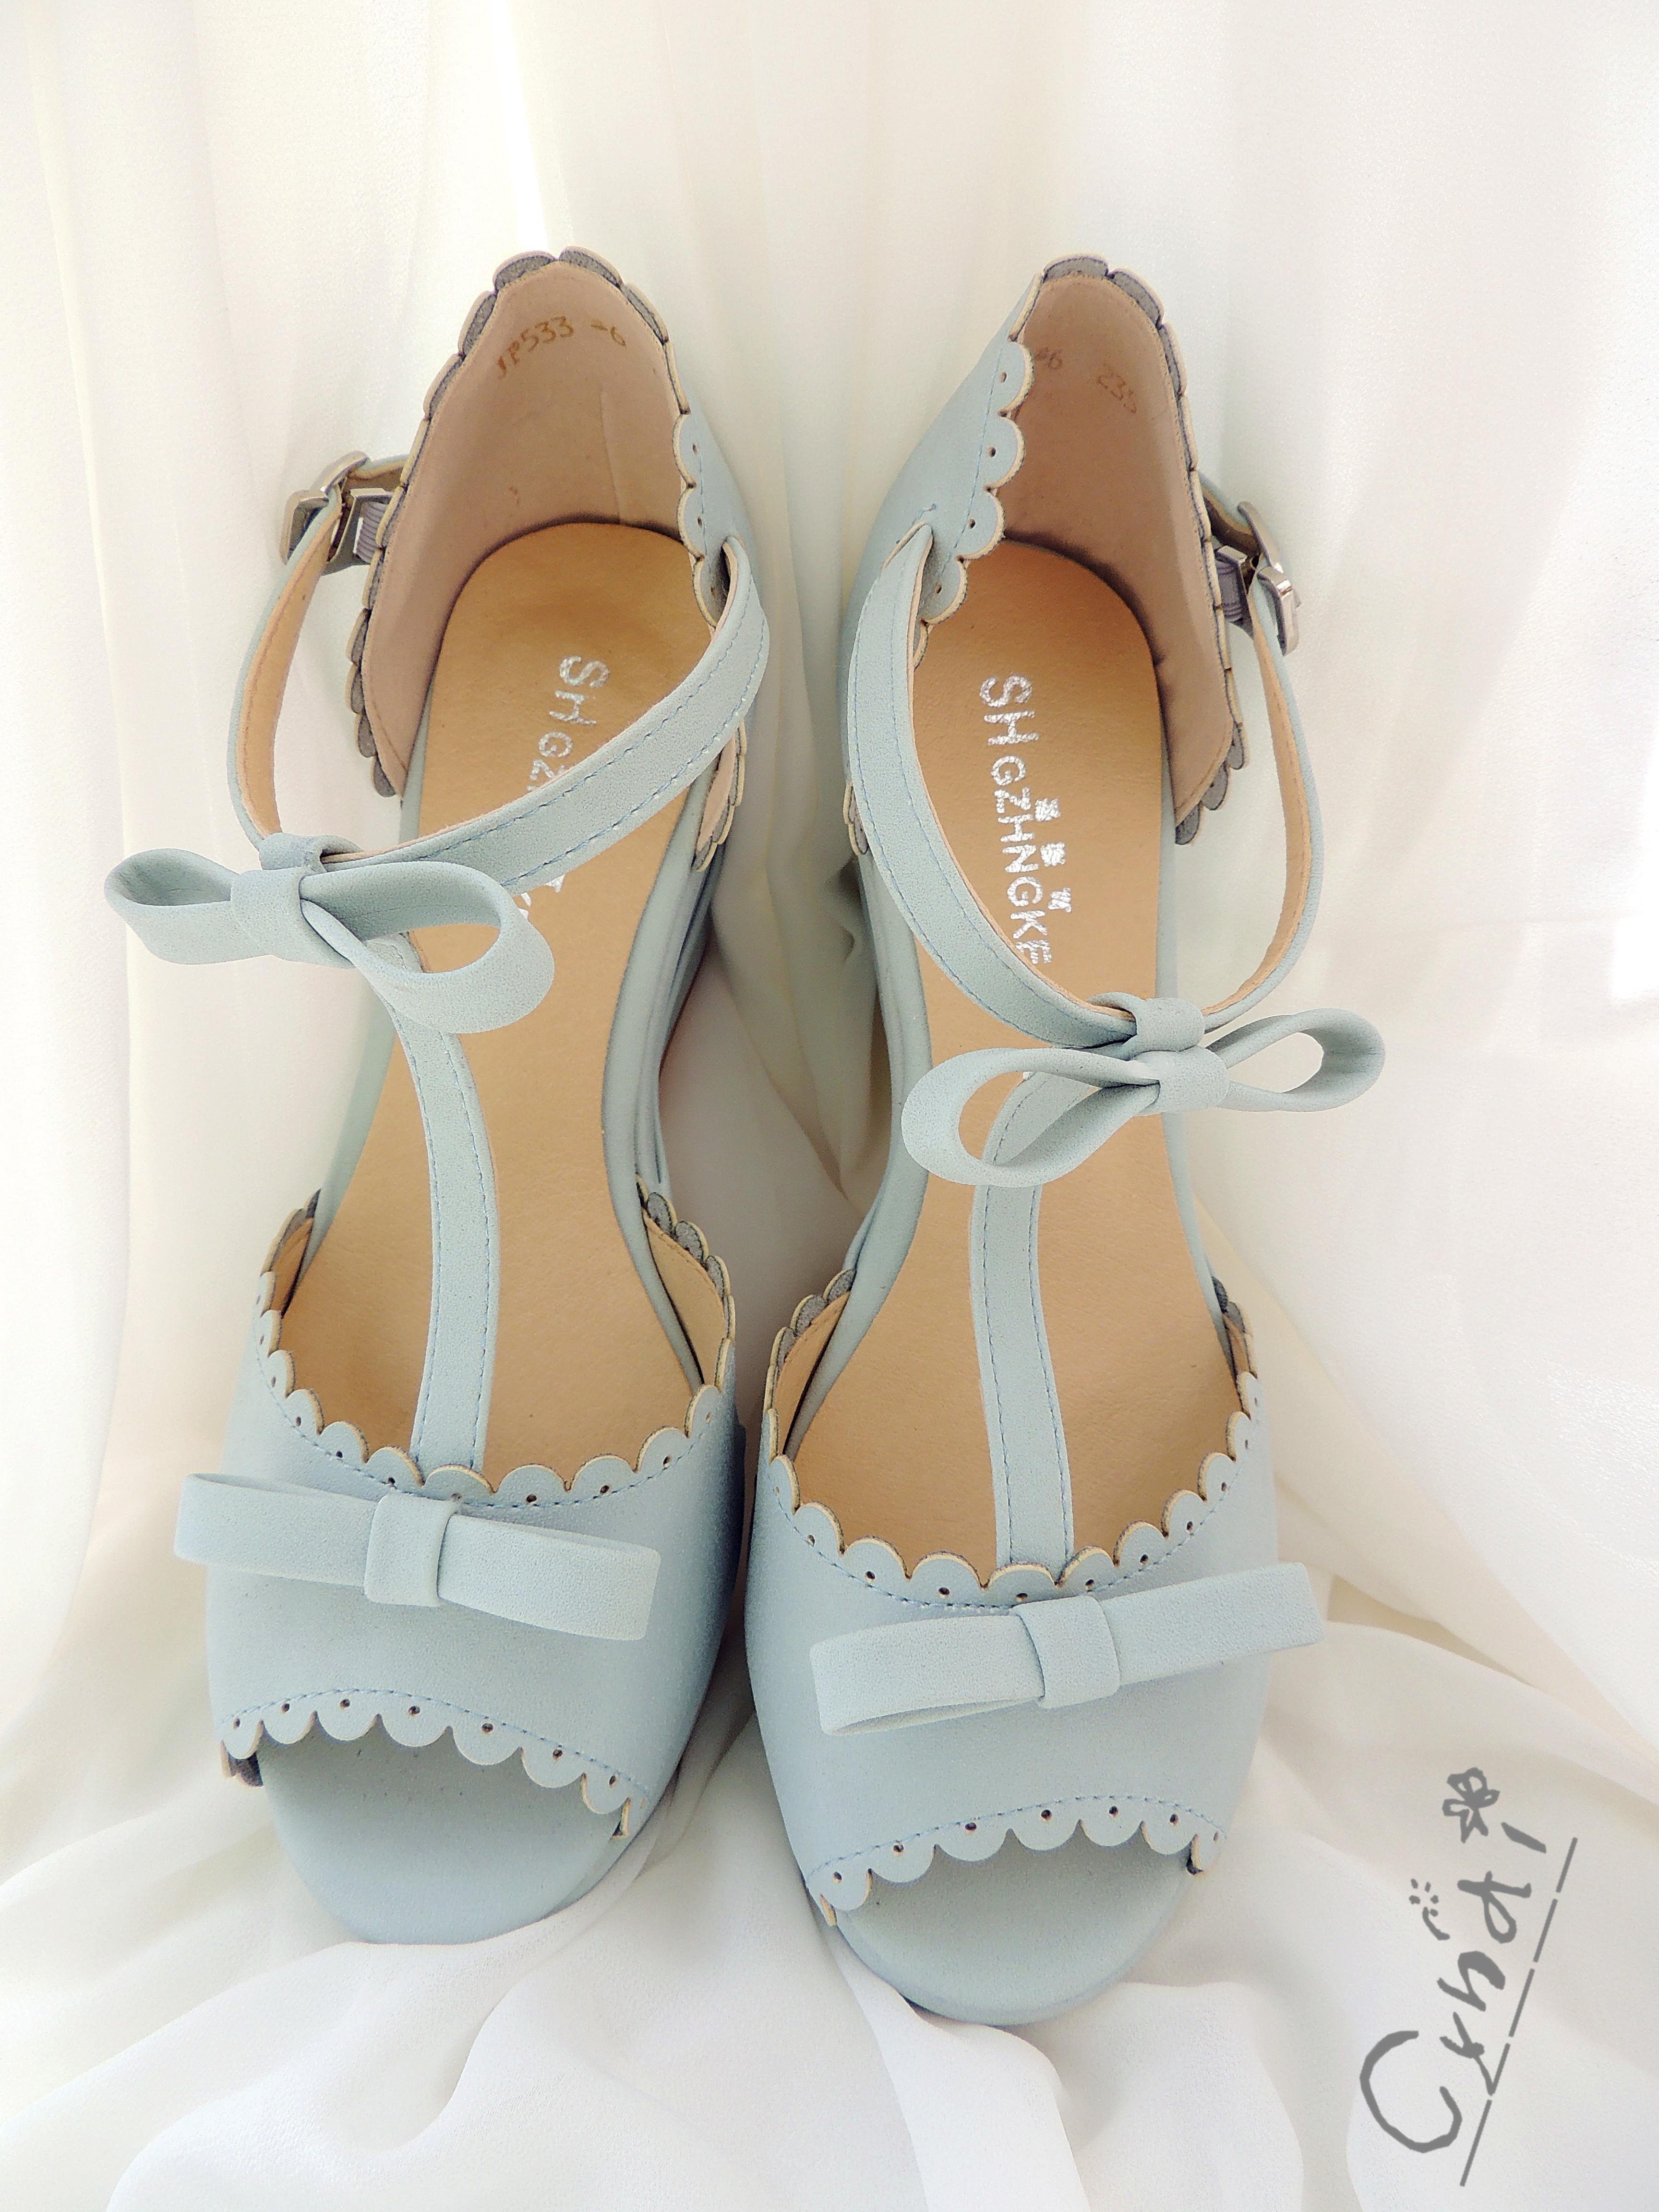 七夕快到了,你准备漂亮的衣服鞋子没?新入的甜美公主